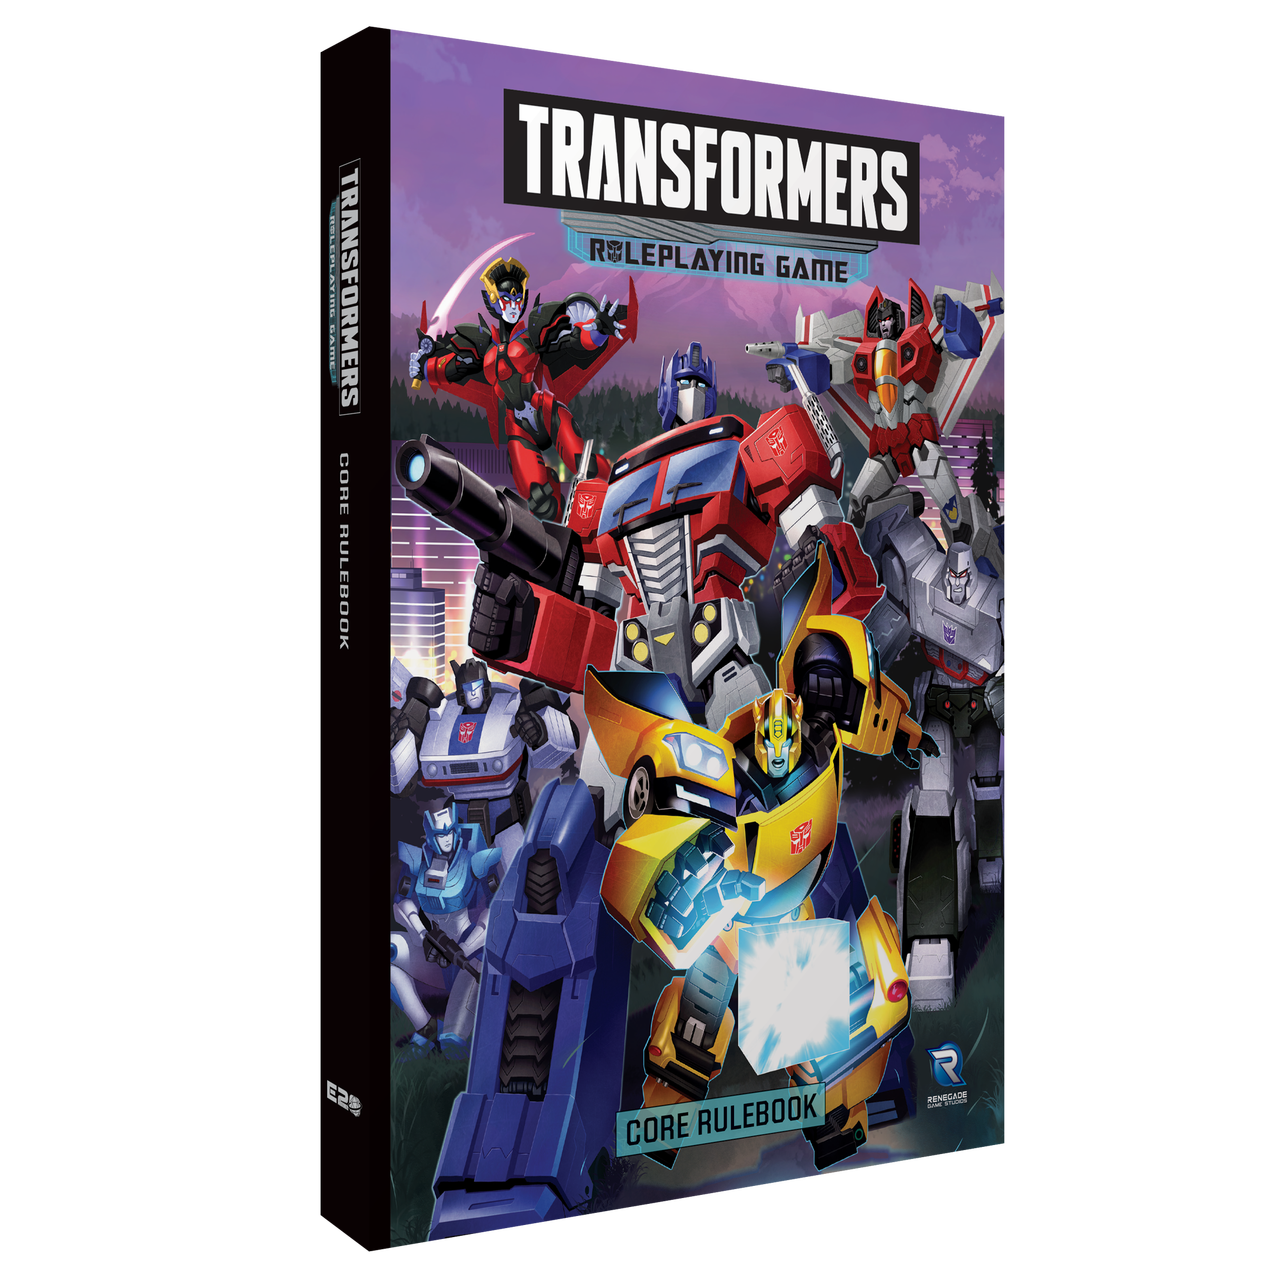 Transformers_3D_RGB_2000px__62370.1629997342.png